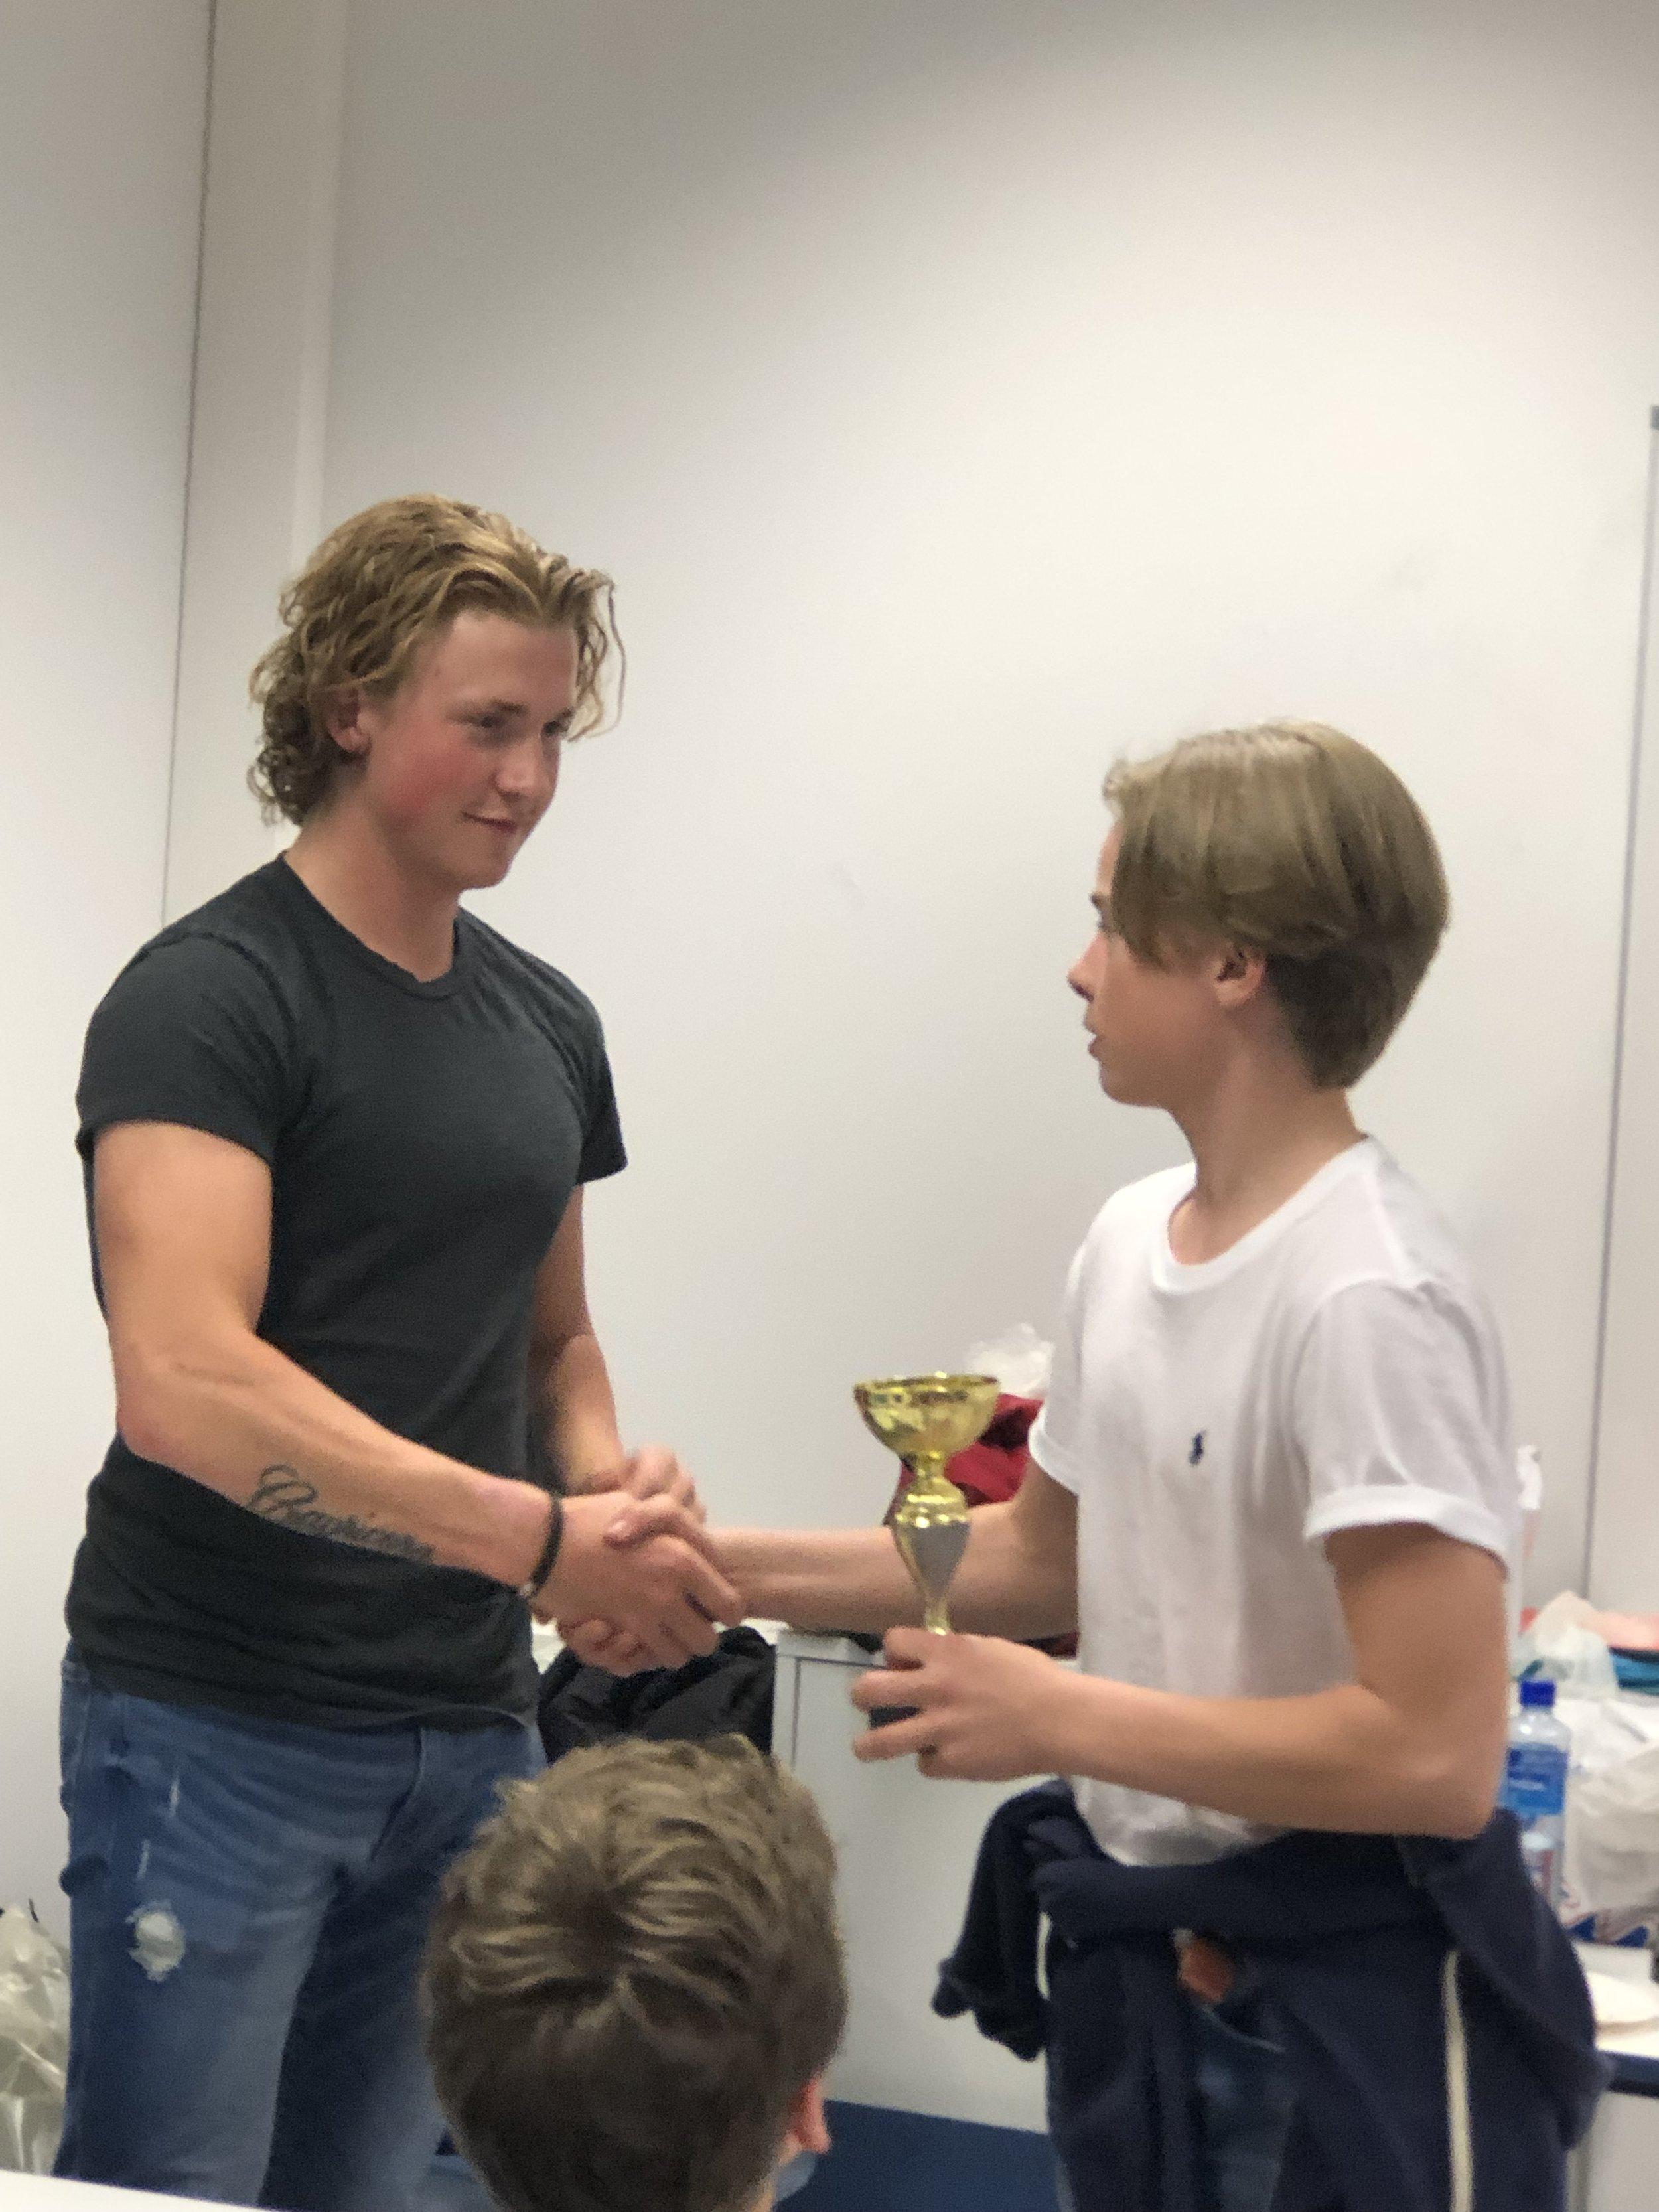 Marius Bratli gir premie fra klubbmesterskapet til Linus Risnes